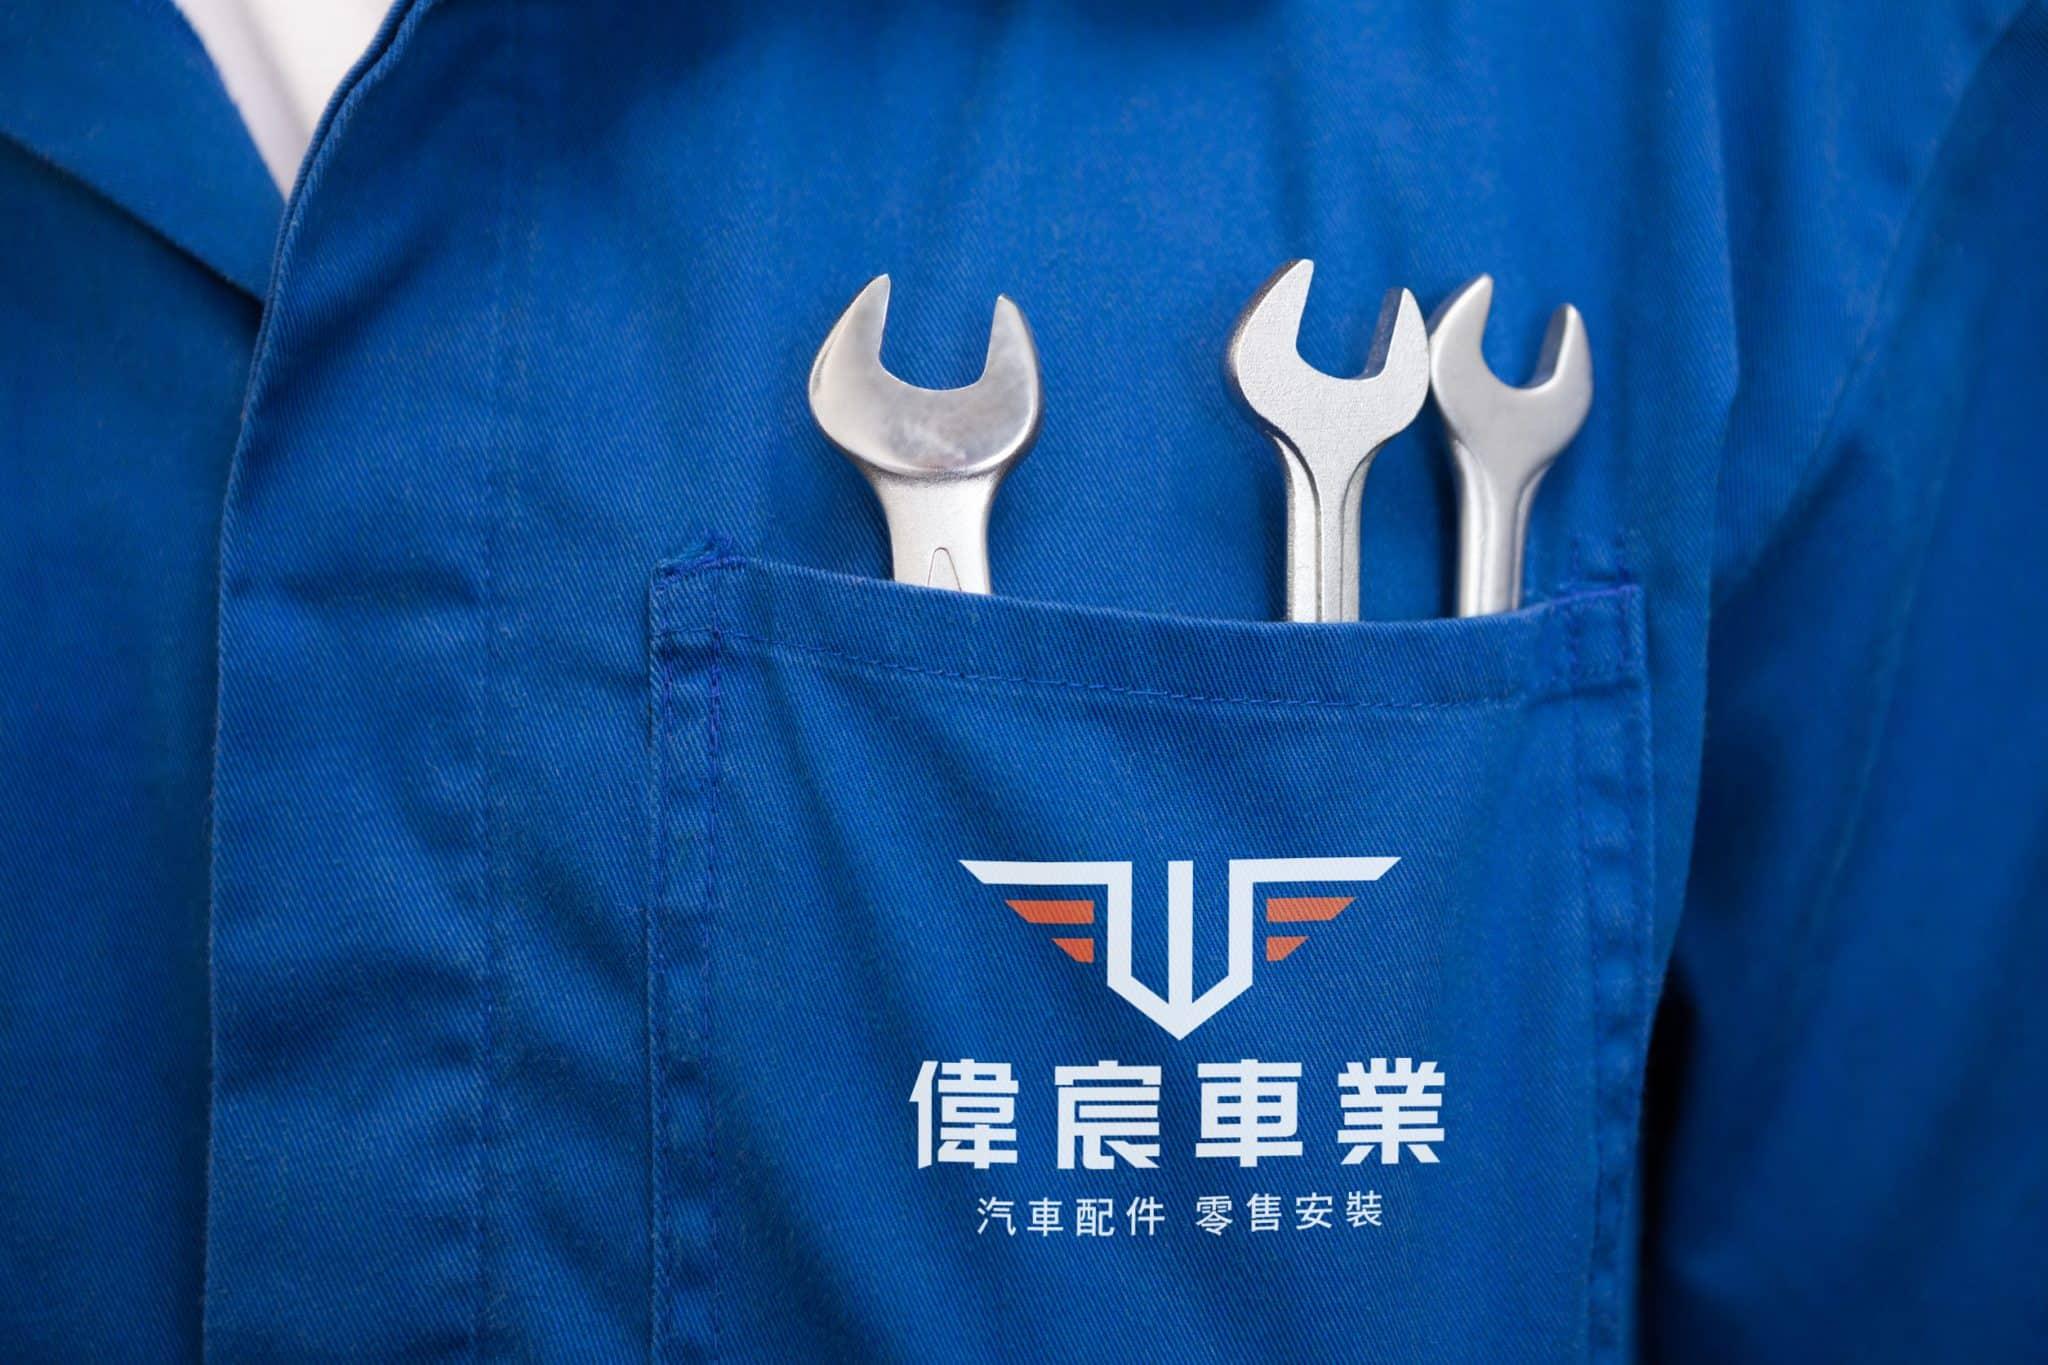 偉宸車業 LOGO設計 品牌設計 商標設計 形象設計